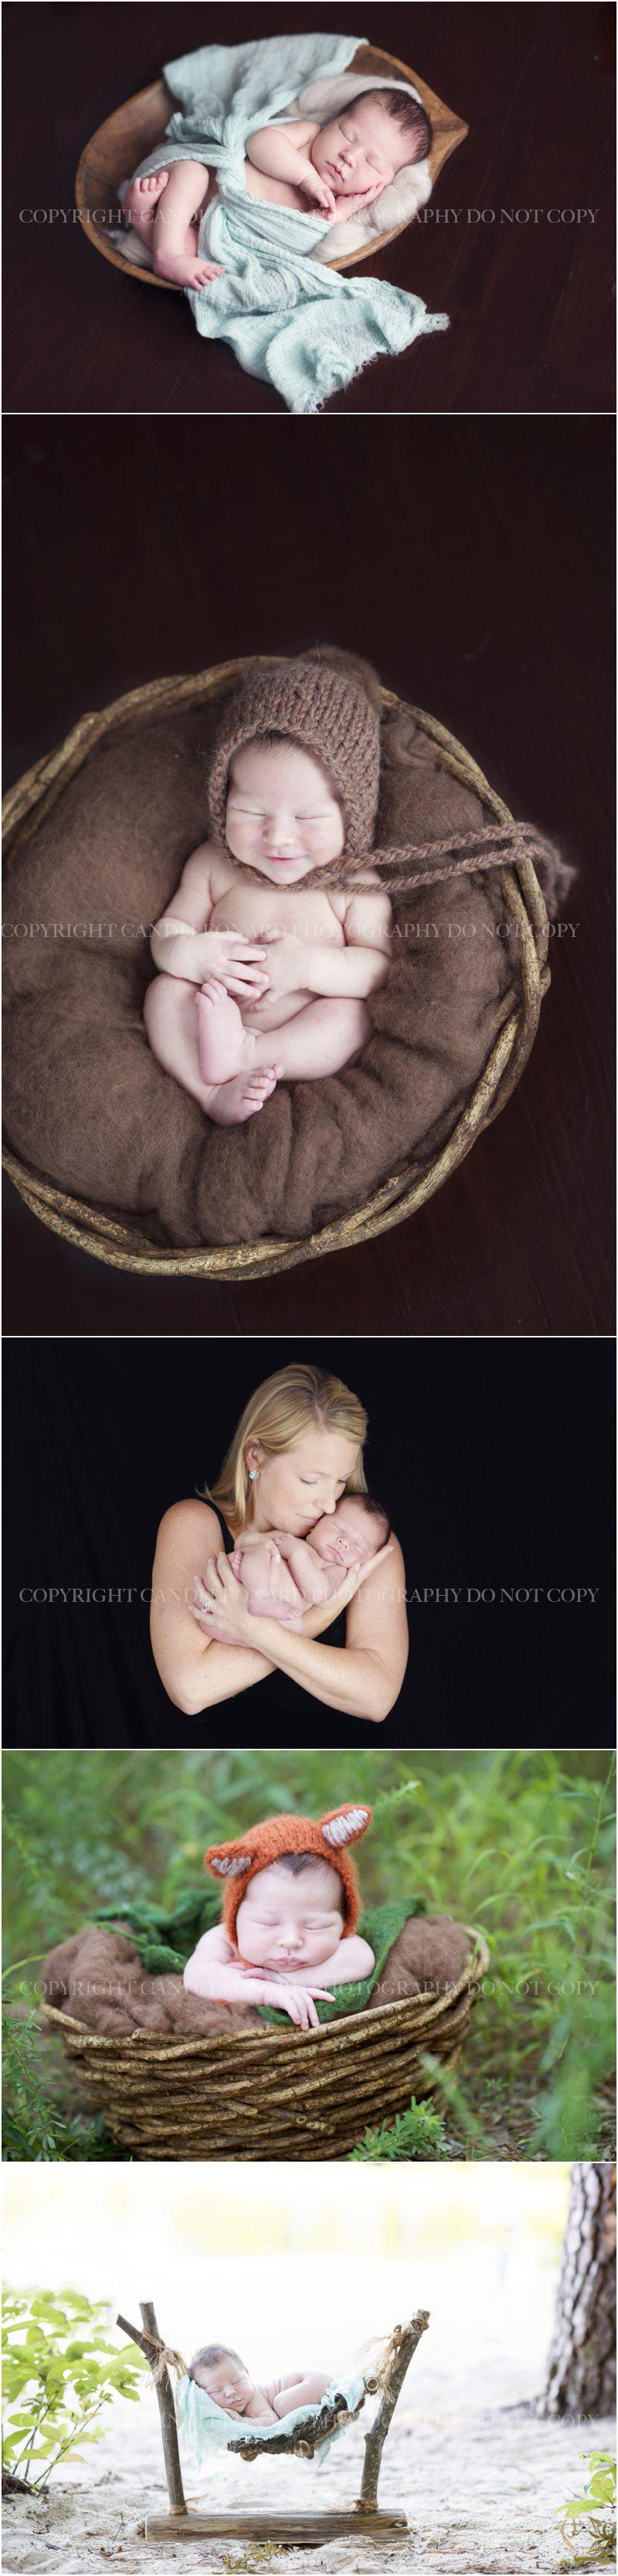 Asheboro_NC_Newborn_photographer_0918